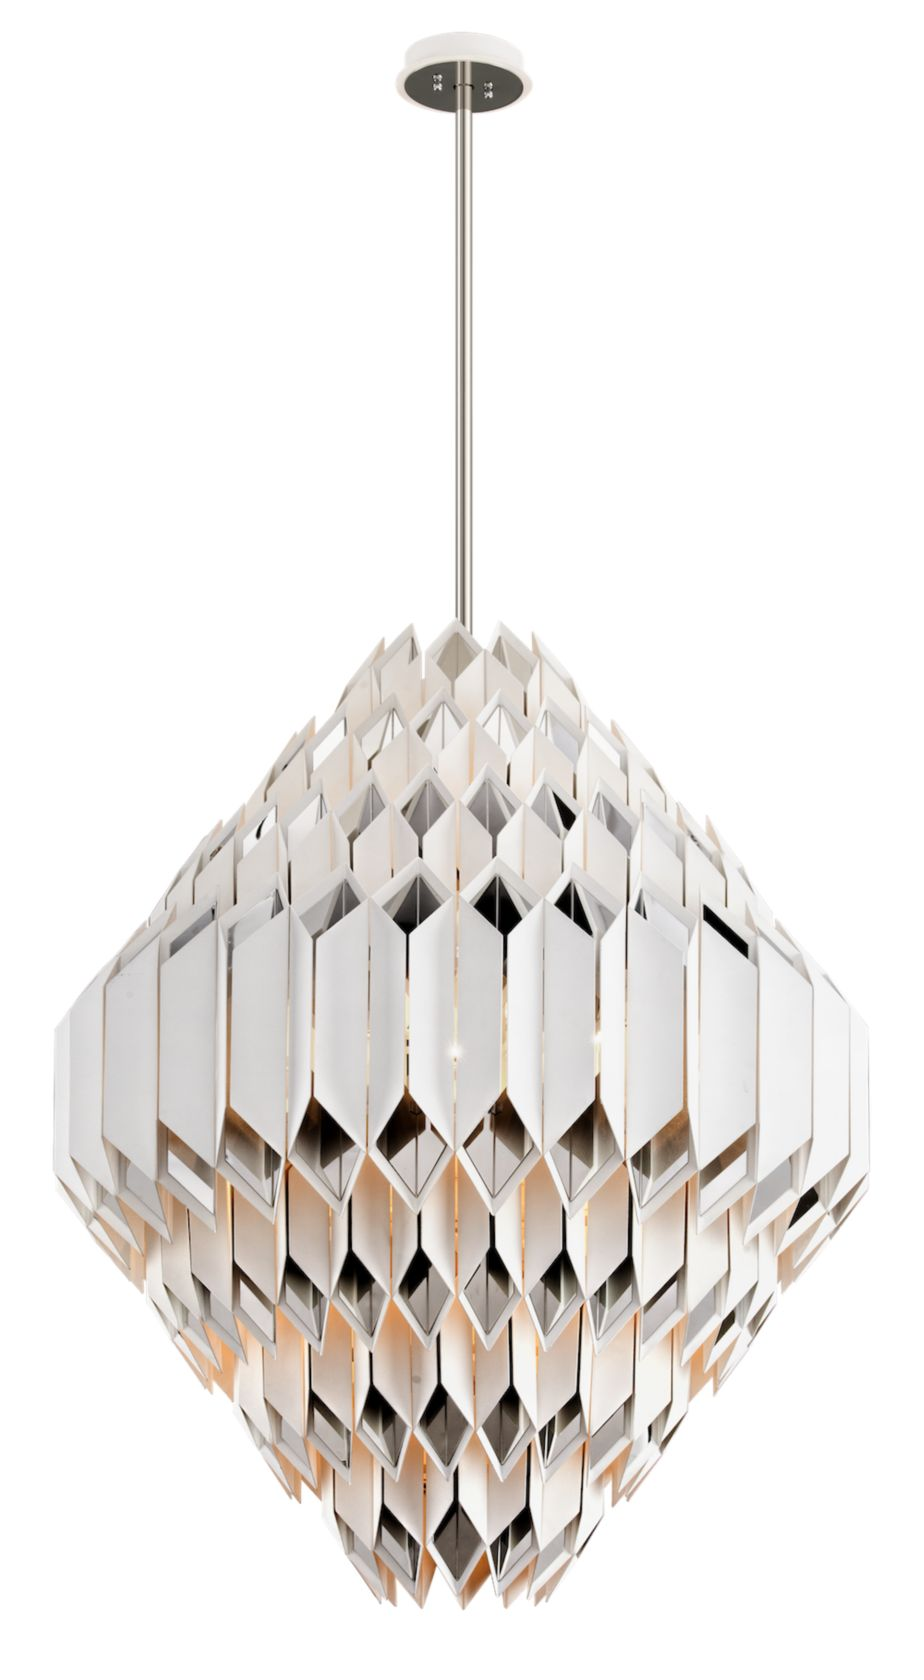 Hinkleys Lighting Factory 17 Luource Luxe Magazine